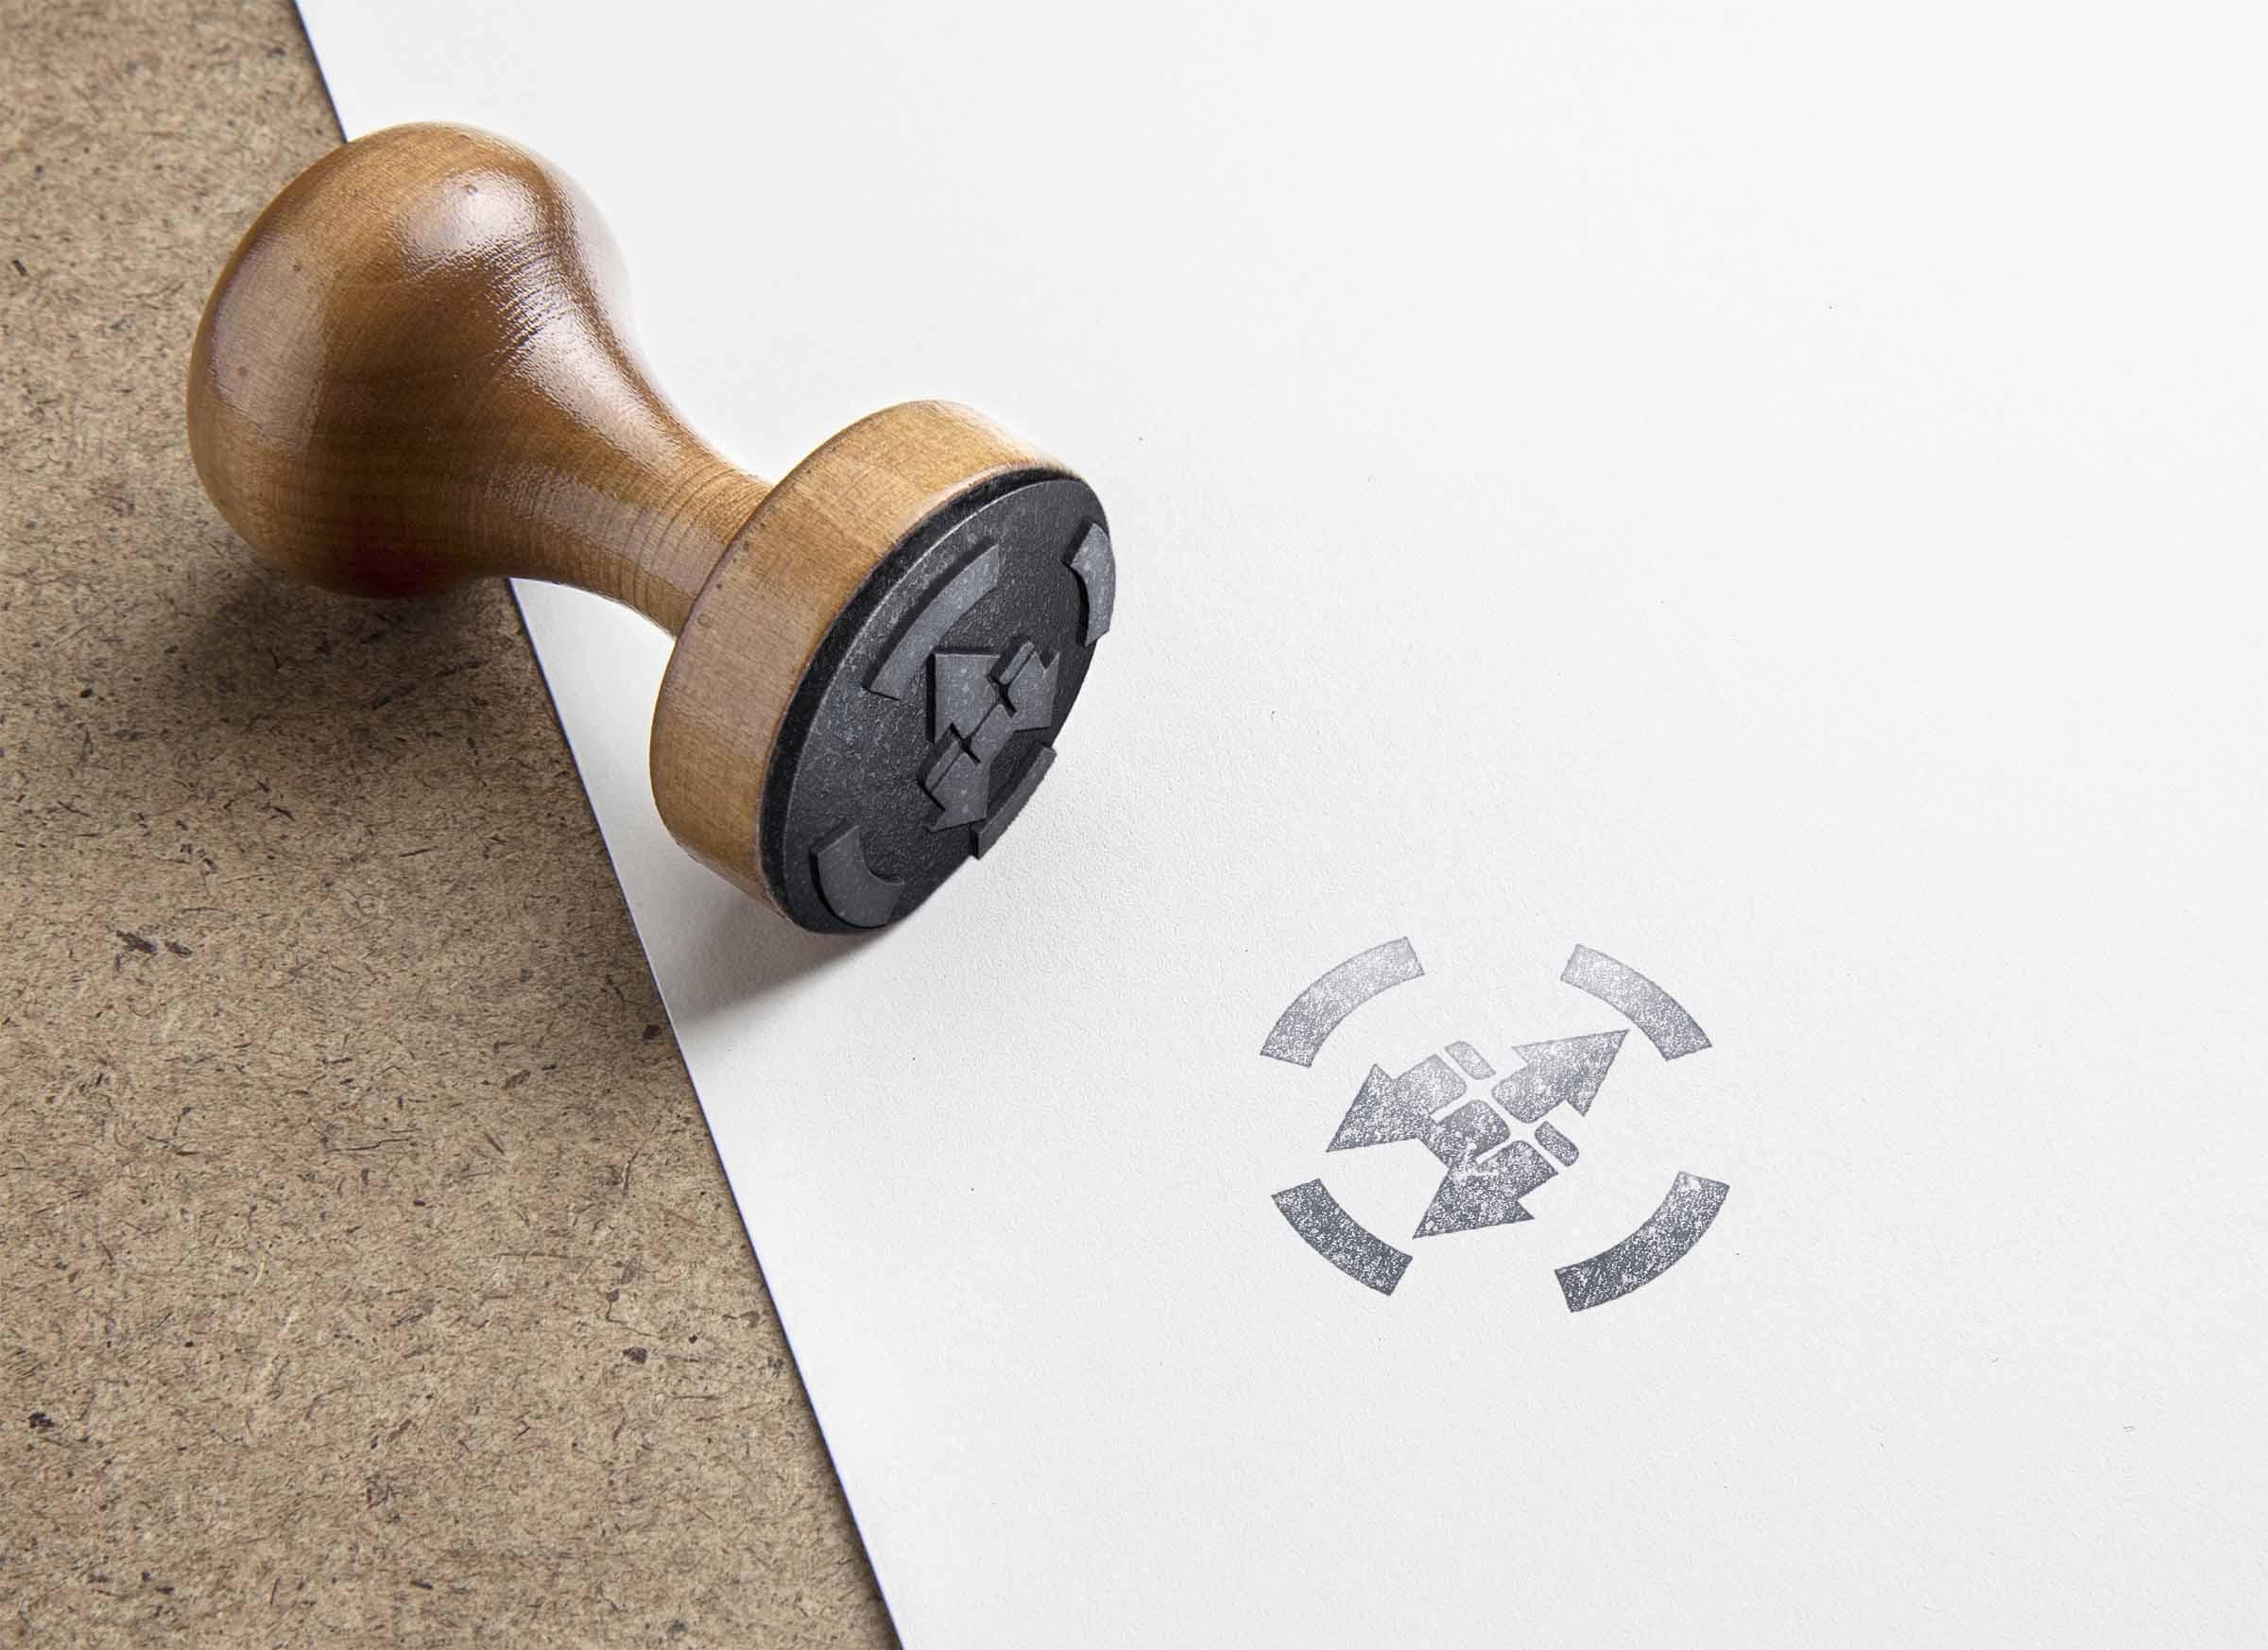 Разработать логотип + визитку + логотип для печати ООО +++ фото f_678554b253b6b1ba.jpg